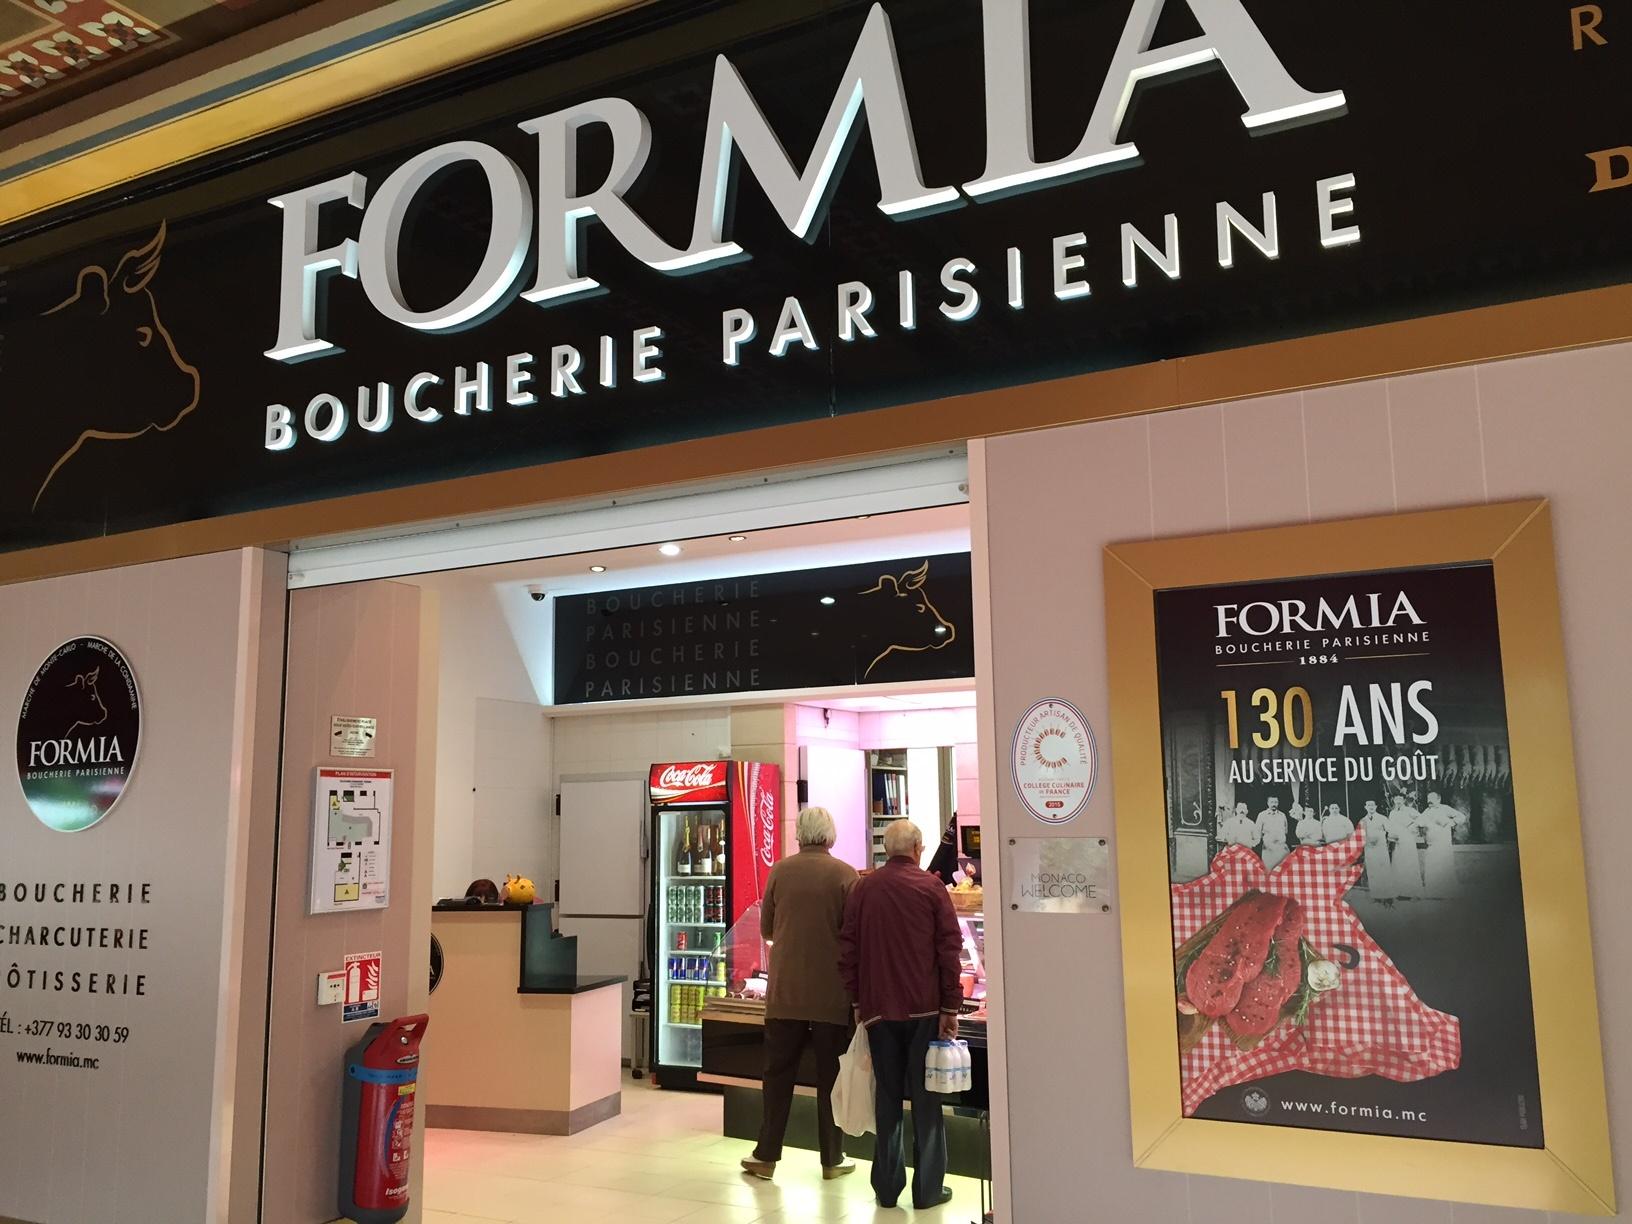 Adhérent BOUCHERIE PARISIENNE FORMIA - photo #3023